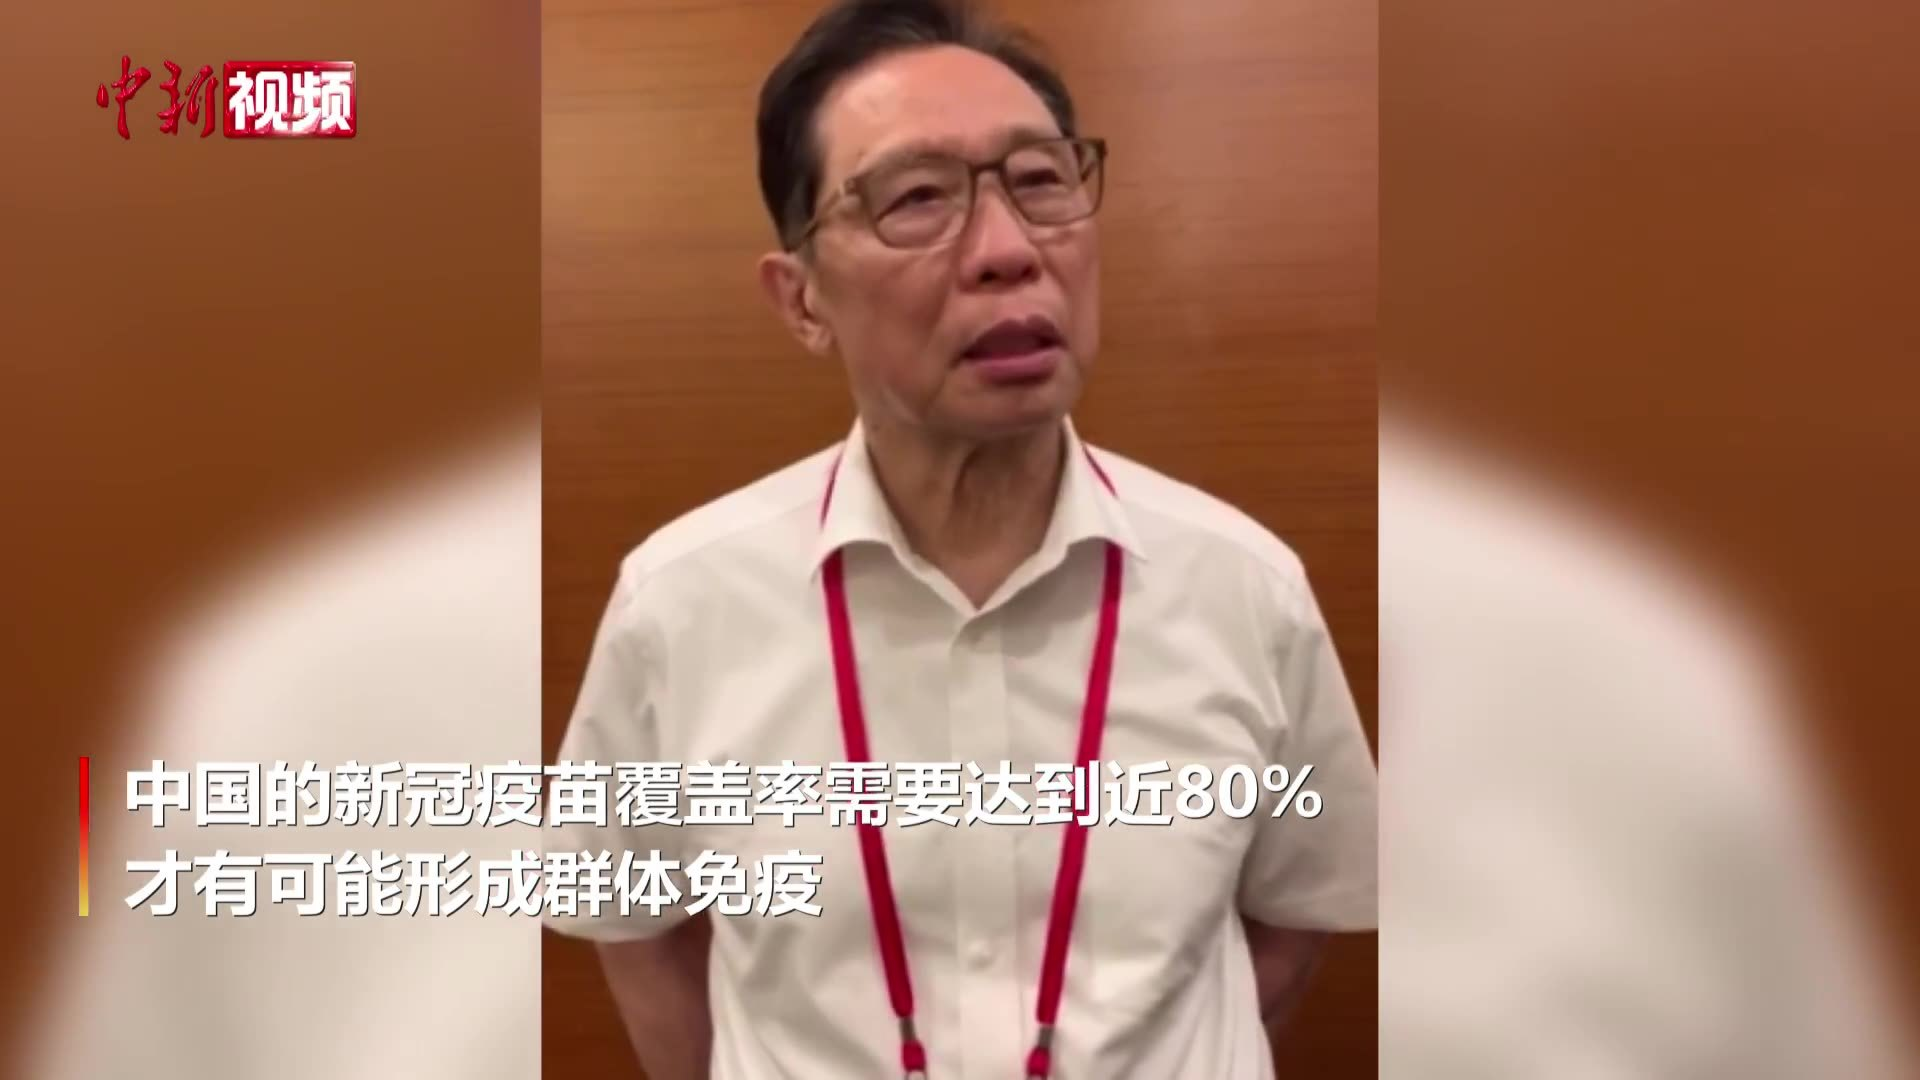 钟南山称中国新冠疫苗覆盖率年底可达80%,产能需加强